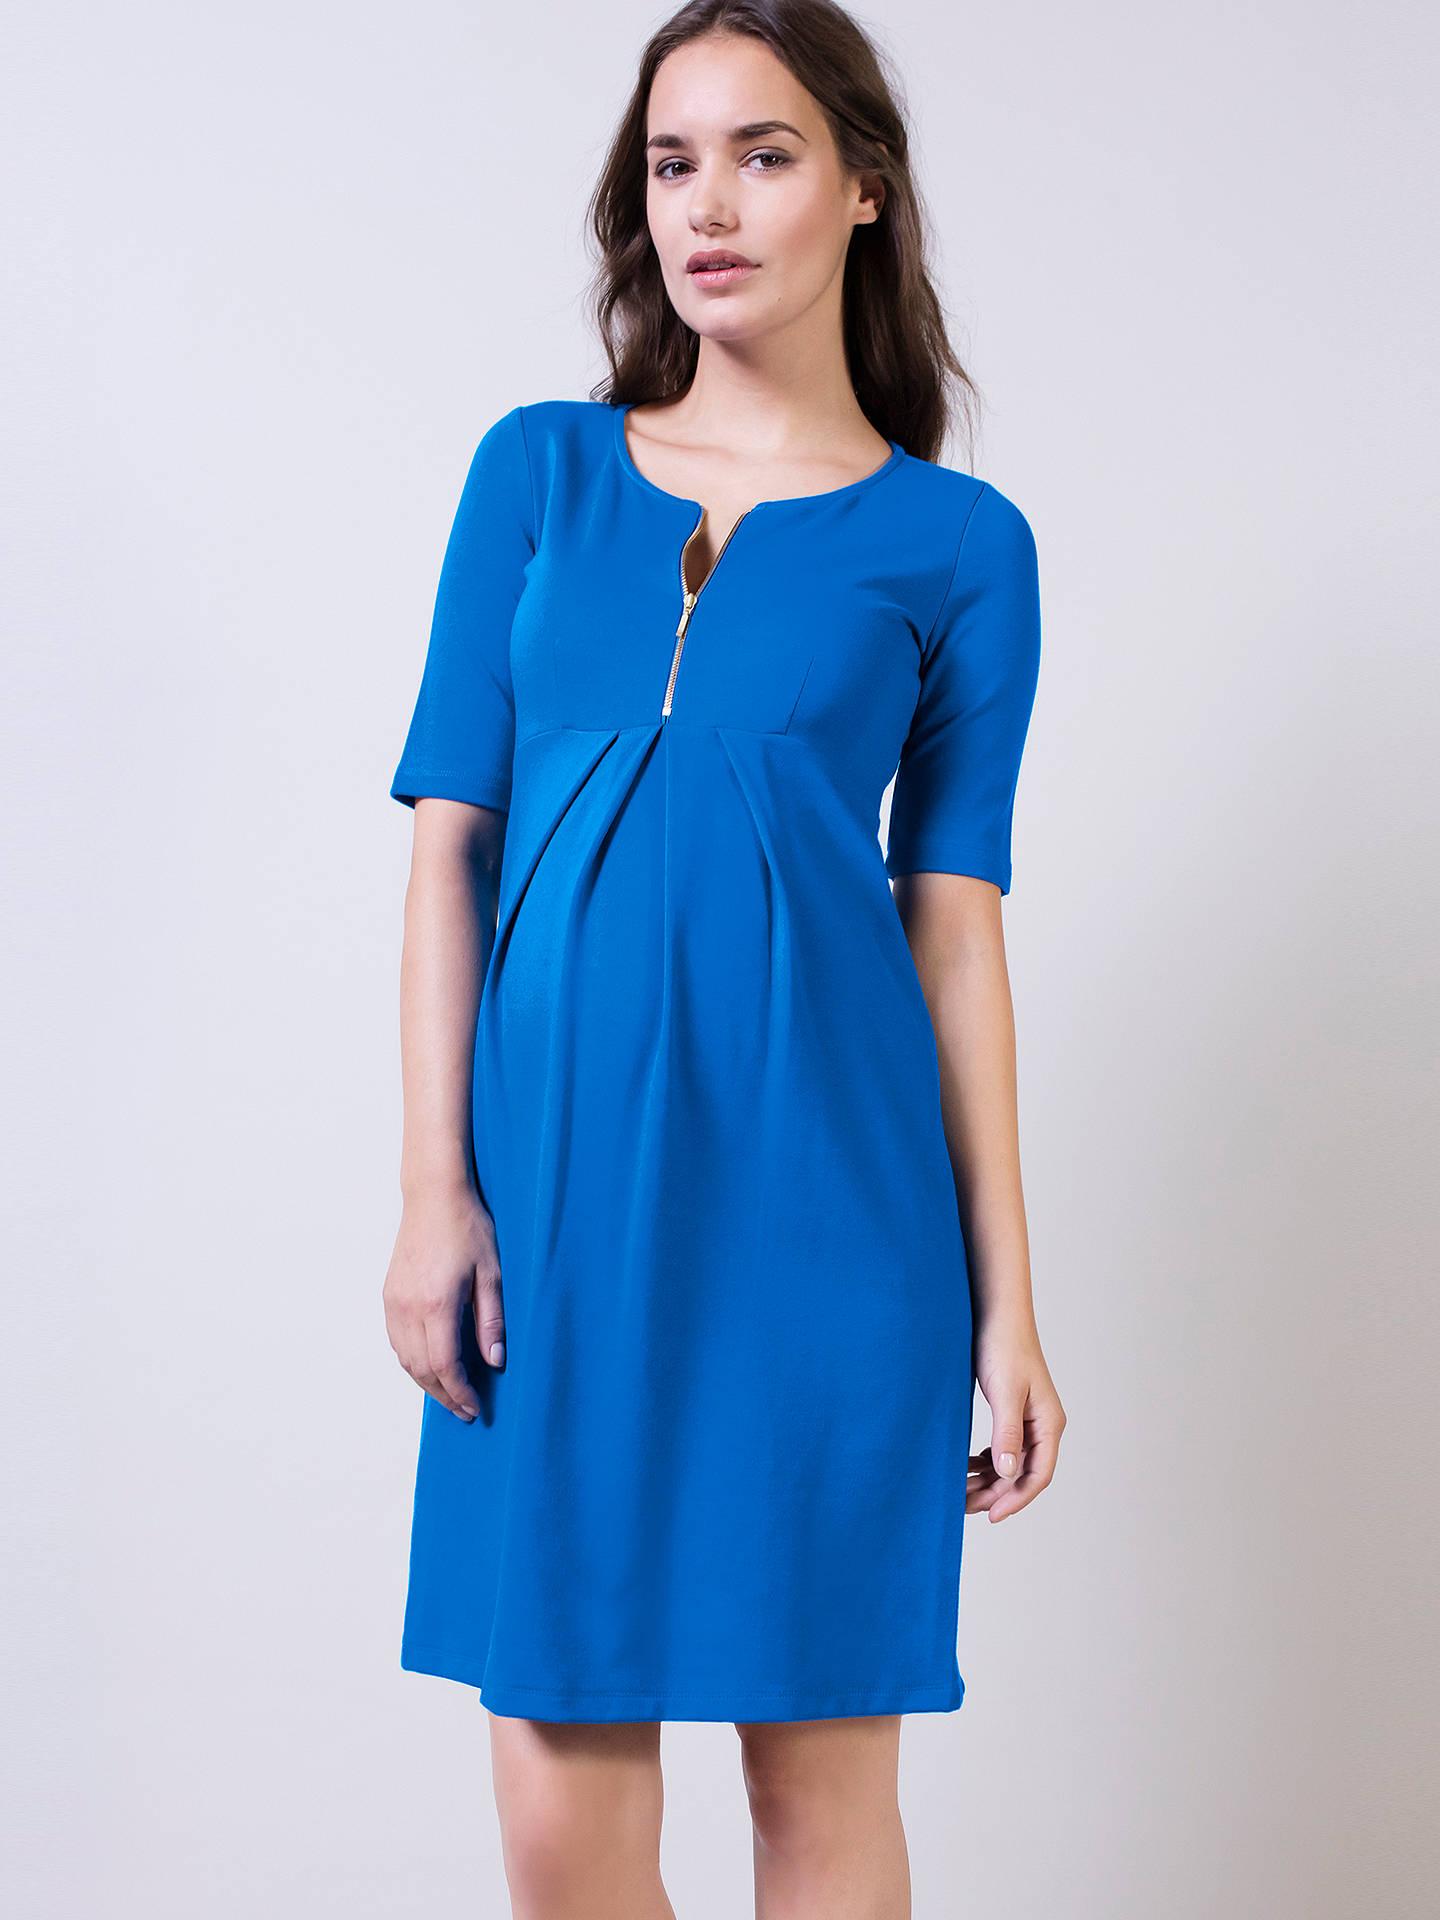 d0573e897d934 Buy Isabella Oliver Earlham Zip Maternity Nursing Dress, Blue, 8 Online at  johnlewis.